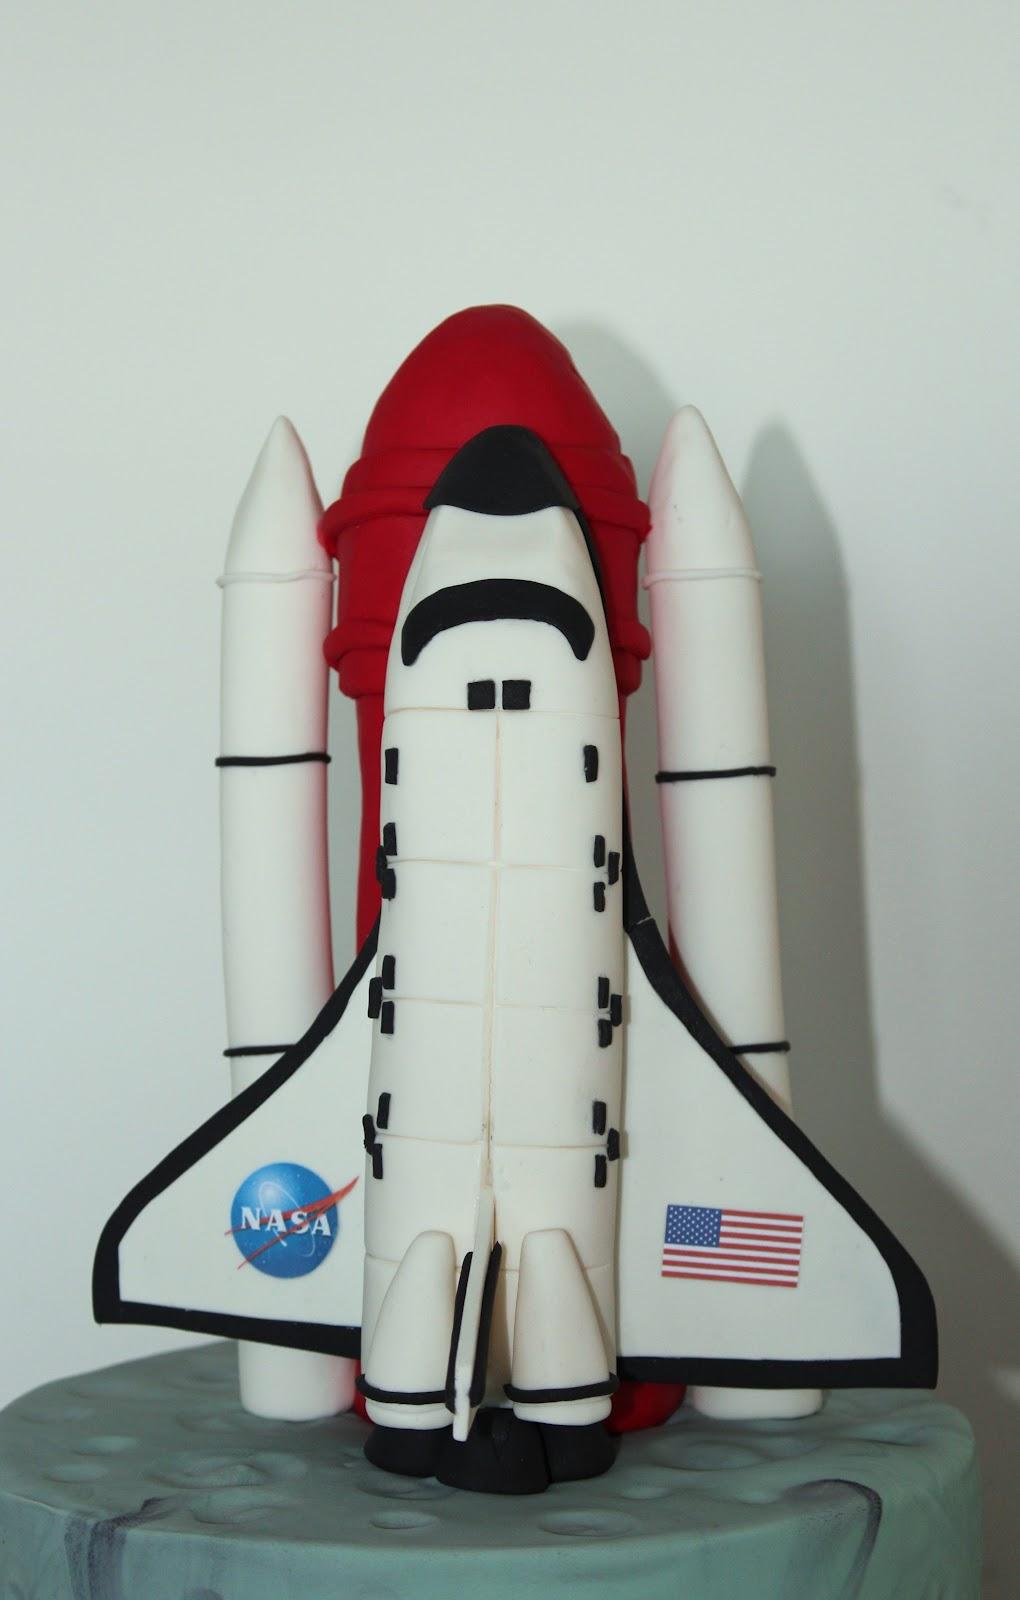 Amazing 5 Aeronautical Engineer Cakes Photo Space Shuttle Birthday Cake Personalised Birthday Cards Vishlily Jamesorg